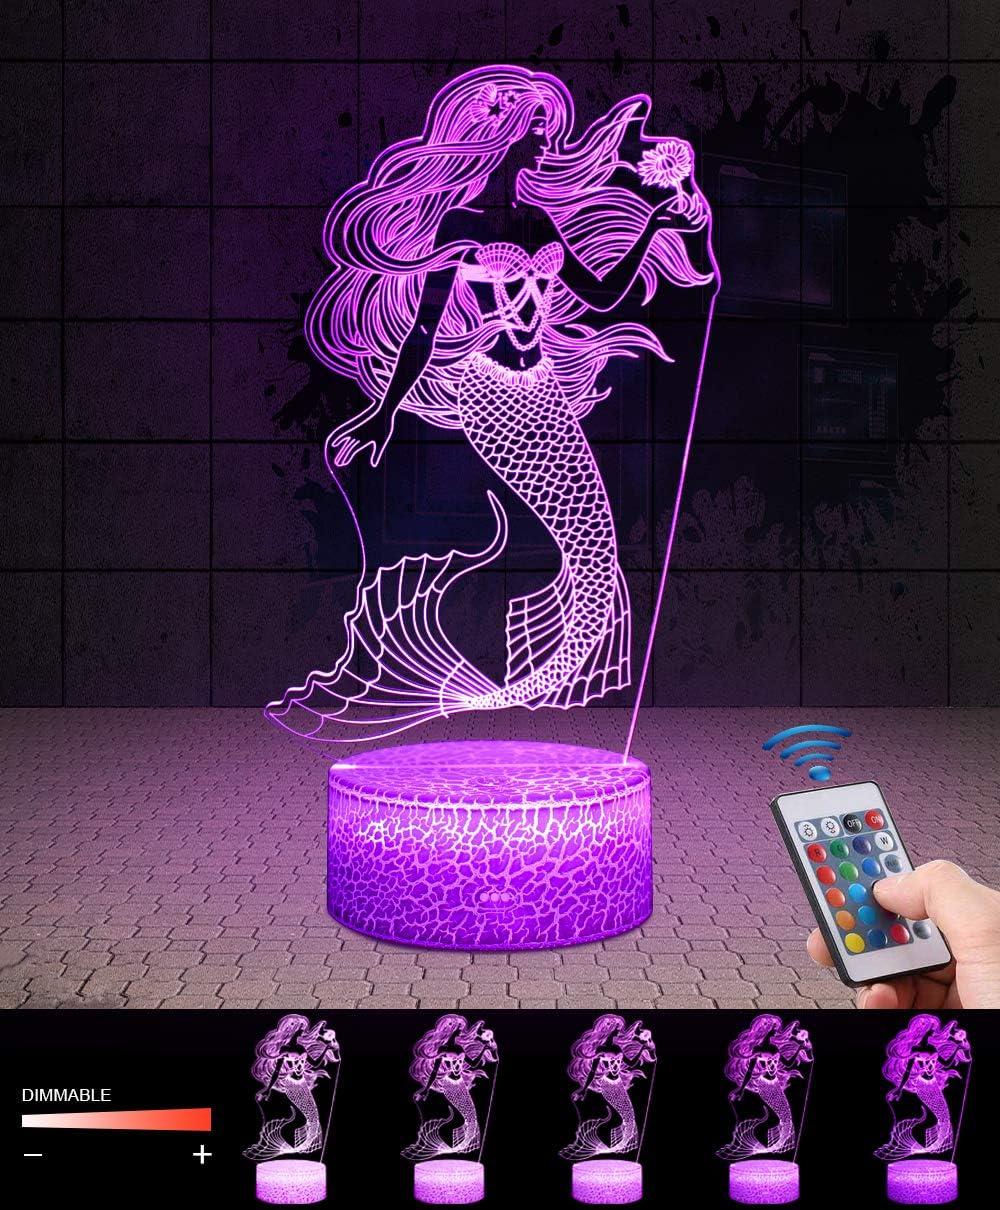 LED Lámpara de Mesa 3D Sirena con Control Remoto Sensor Tacto, QiLiTd Regulable Lámpara de Noche de Atmósfera Modo RGB, Decoracion Cumpleaños, Navidad Regalos de Mujer Bebes Hombre Niños Amigas